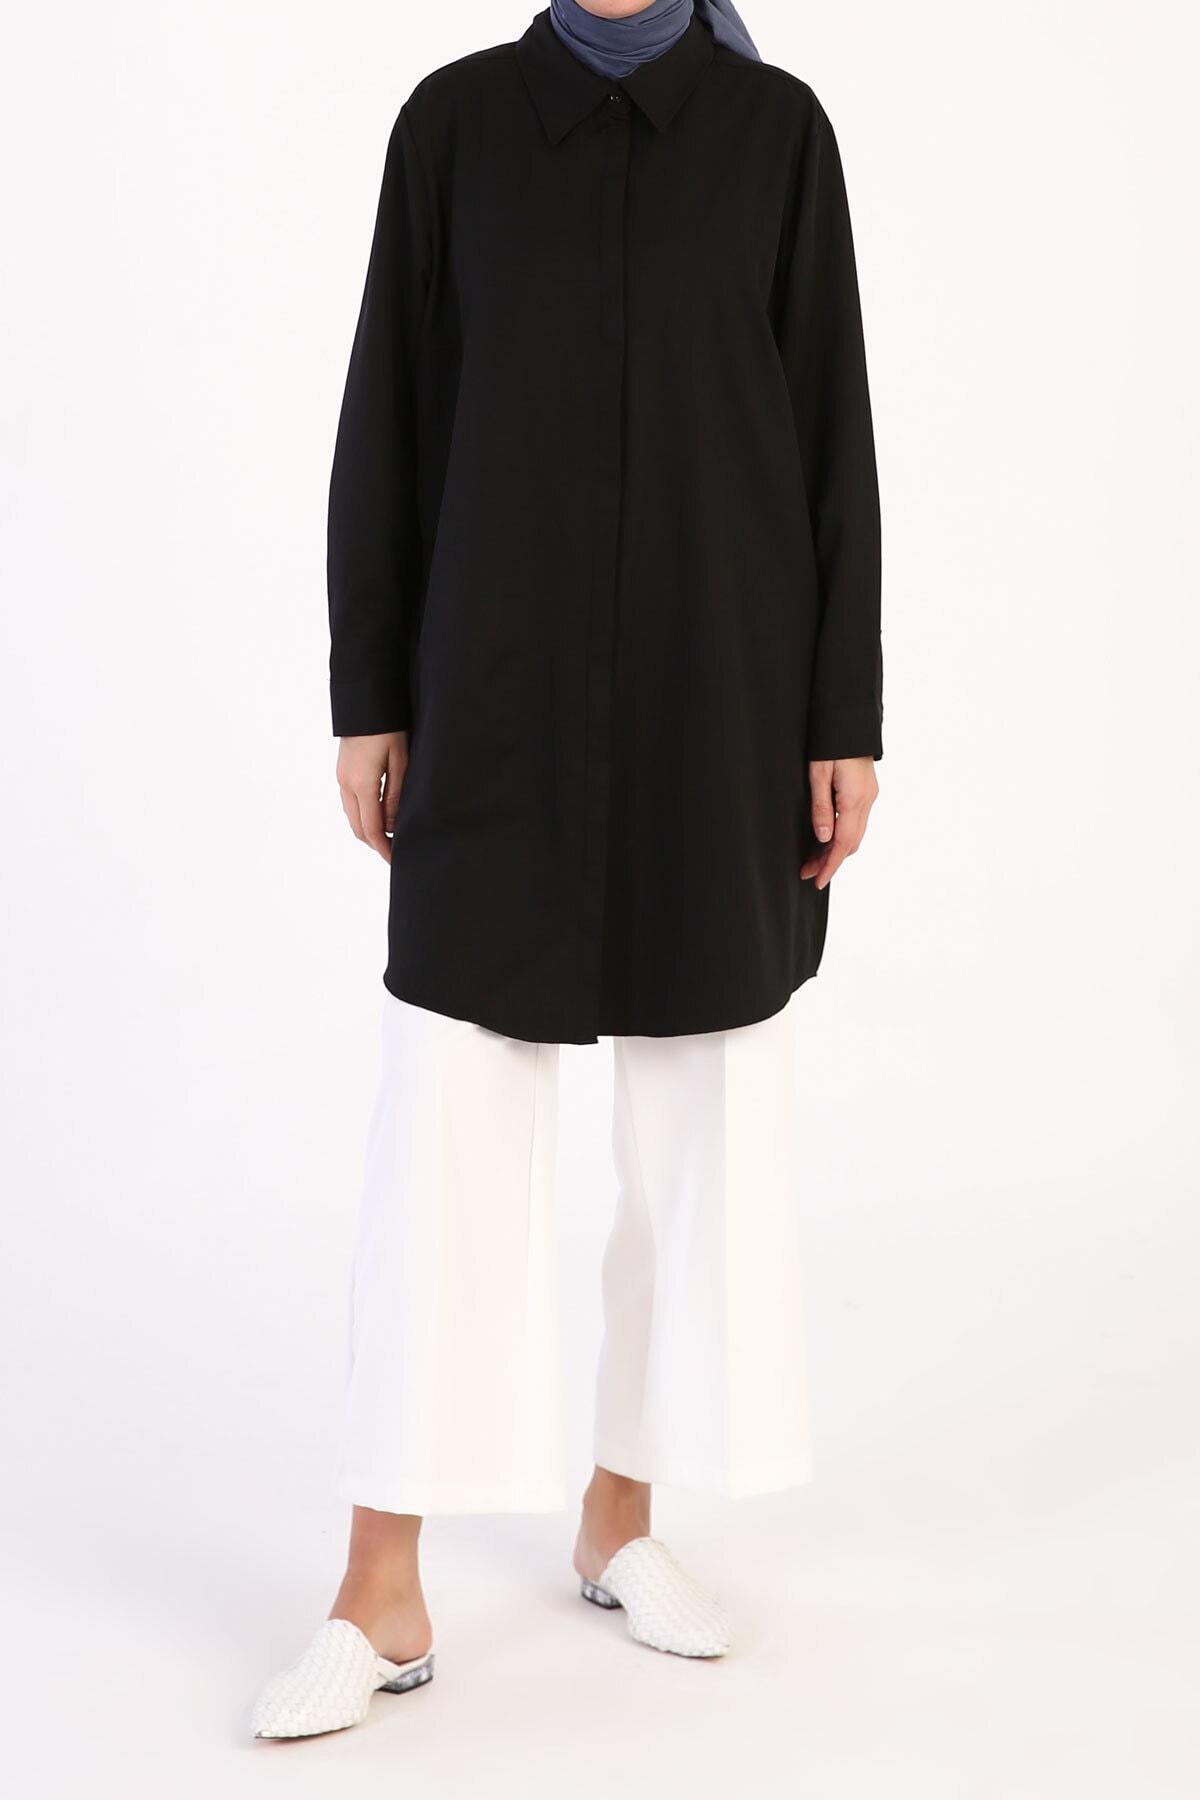 ALLDAY Siyah Büyük Beden Basic Gömlek Tunik 2